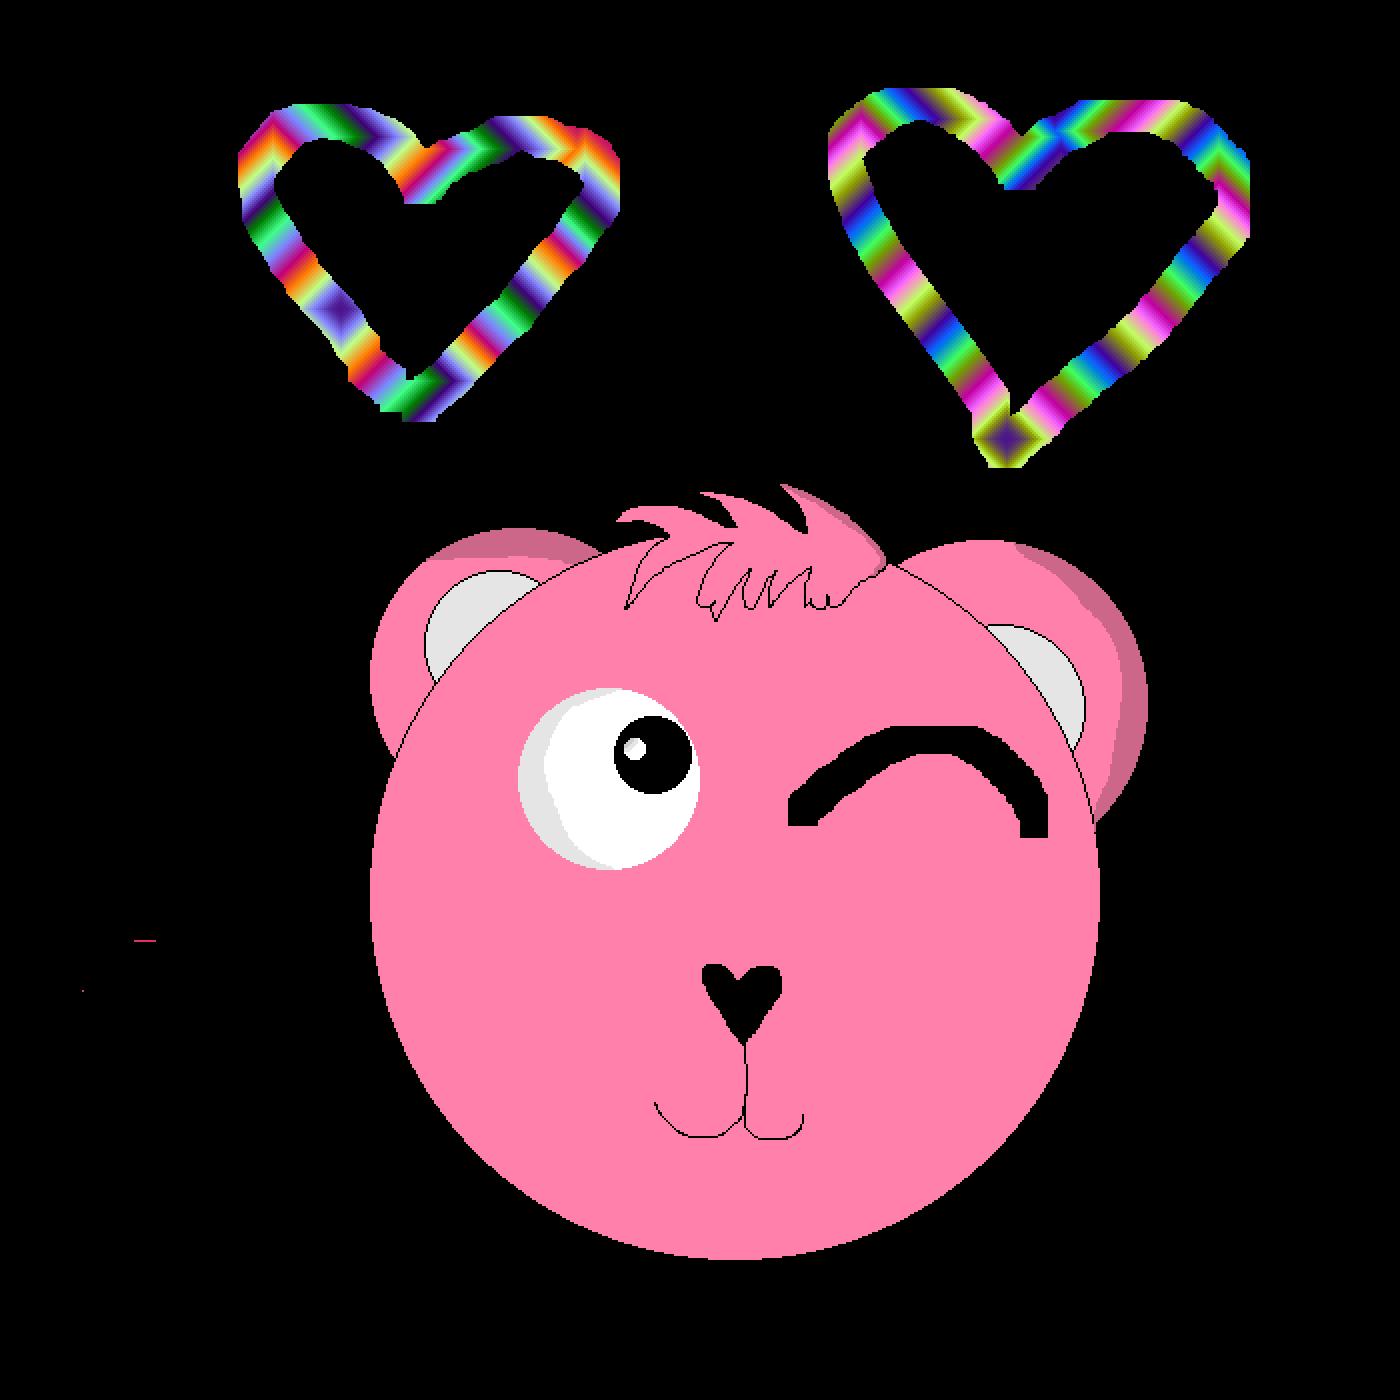 Pink Cuddle Team Leader by Zer0-B1ackF1re